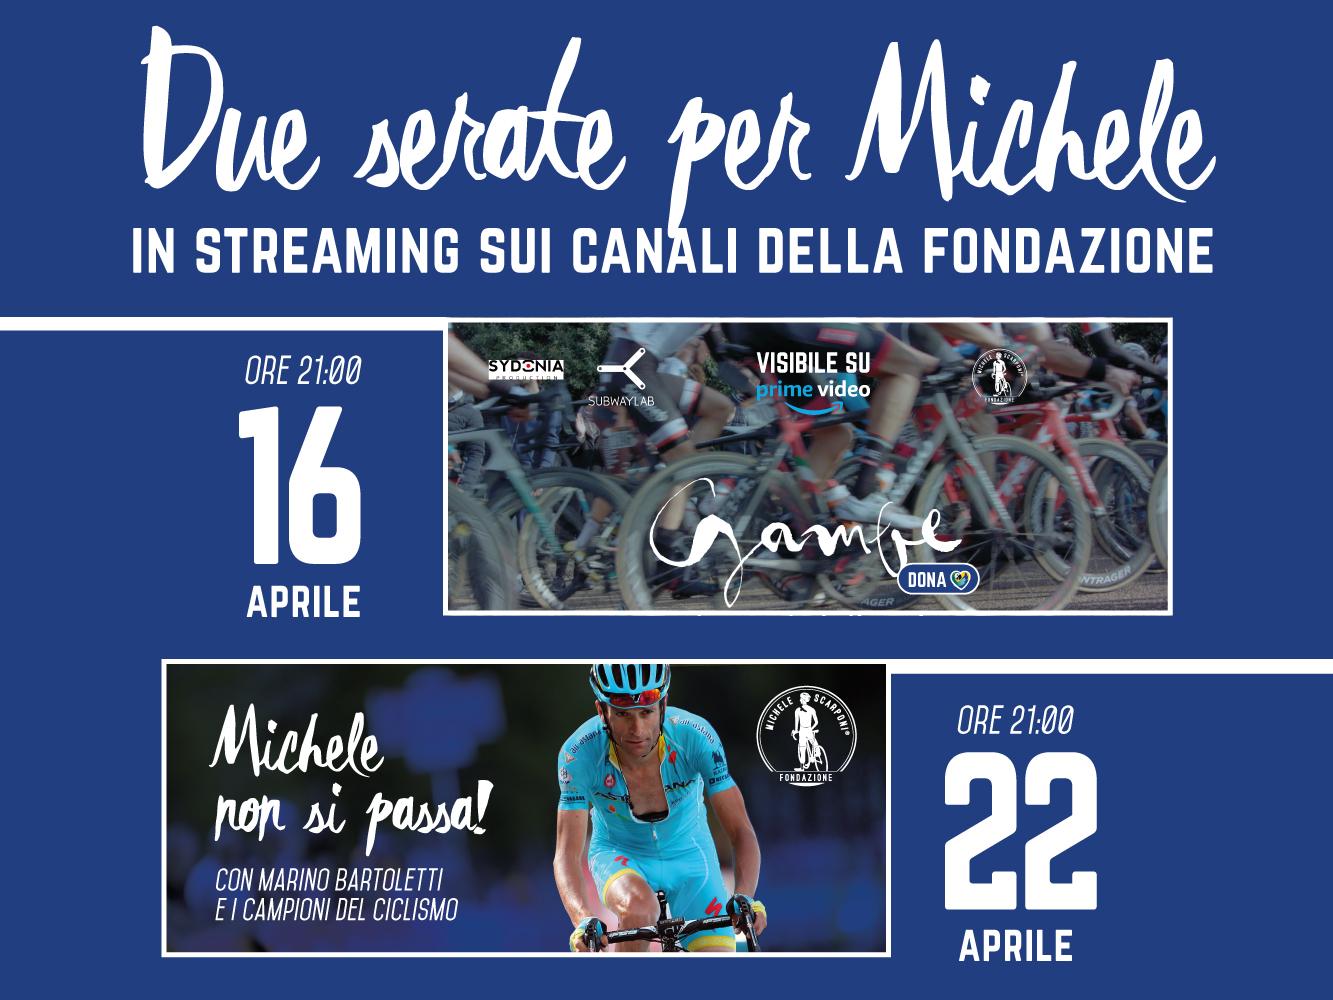 FONDAZIONE-MS_post-2-serate-per-Michele